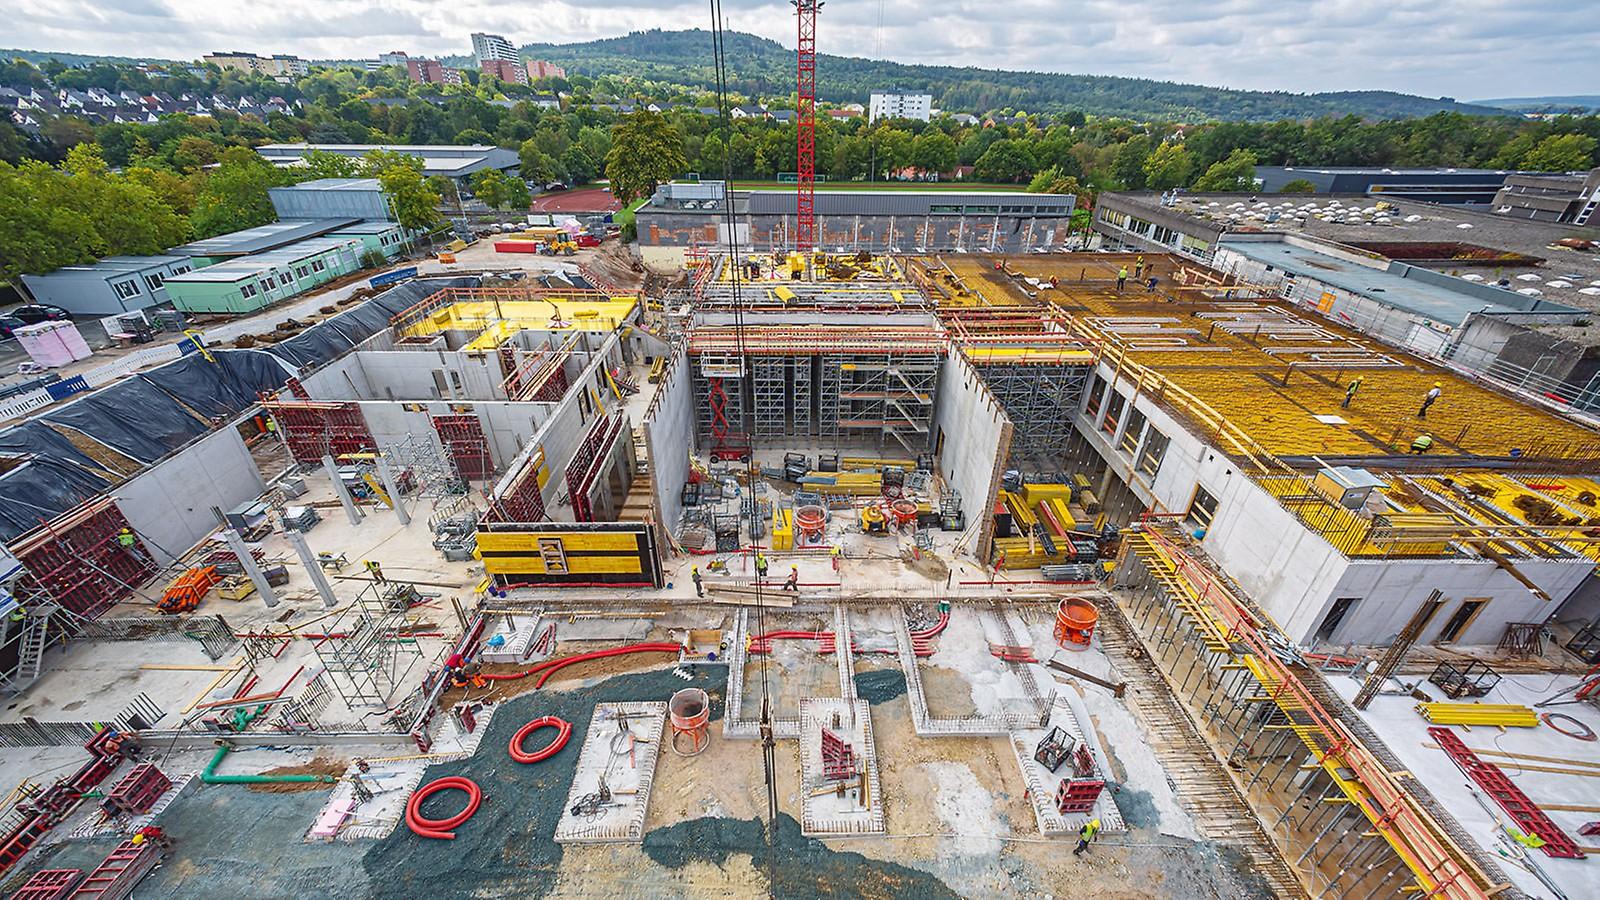 Das in massiver Stahlbetonbauweise zu errichtende, knapp 20 m hohe Schulgebäude weist Raumhöhen bis 8 m und Deckenstärken zwischen 28 cm und 36 cm auf.